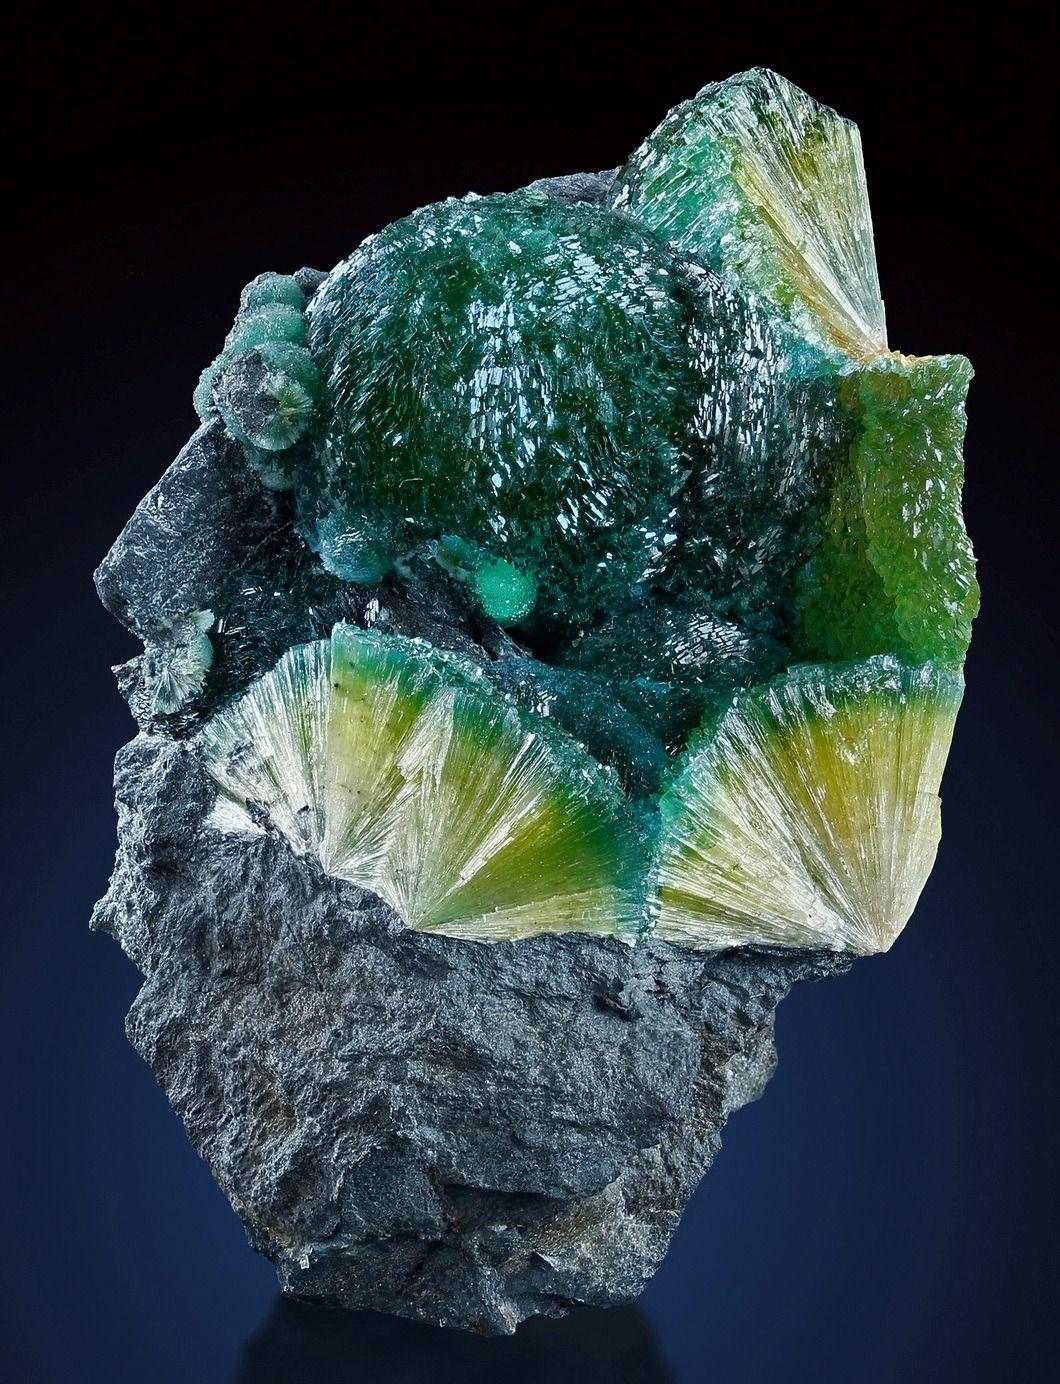 Краткое сообщение о минералах, их виды, свойства и область применения